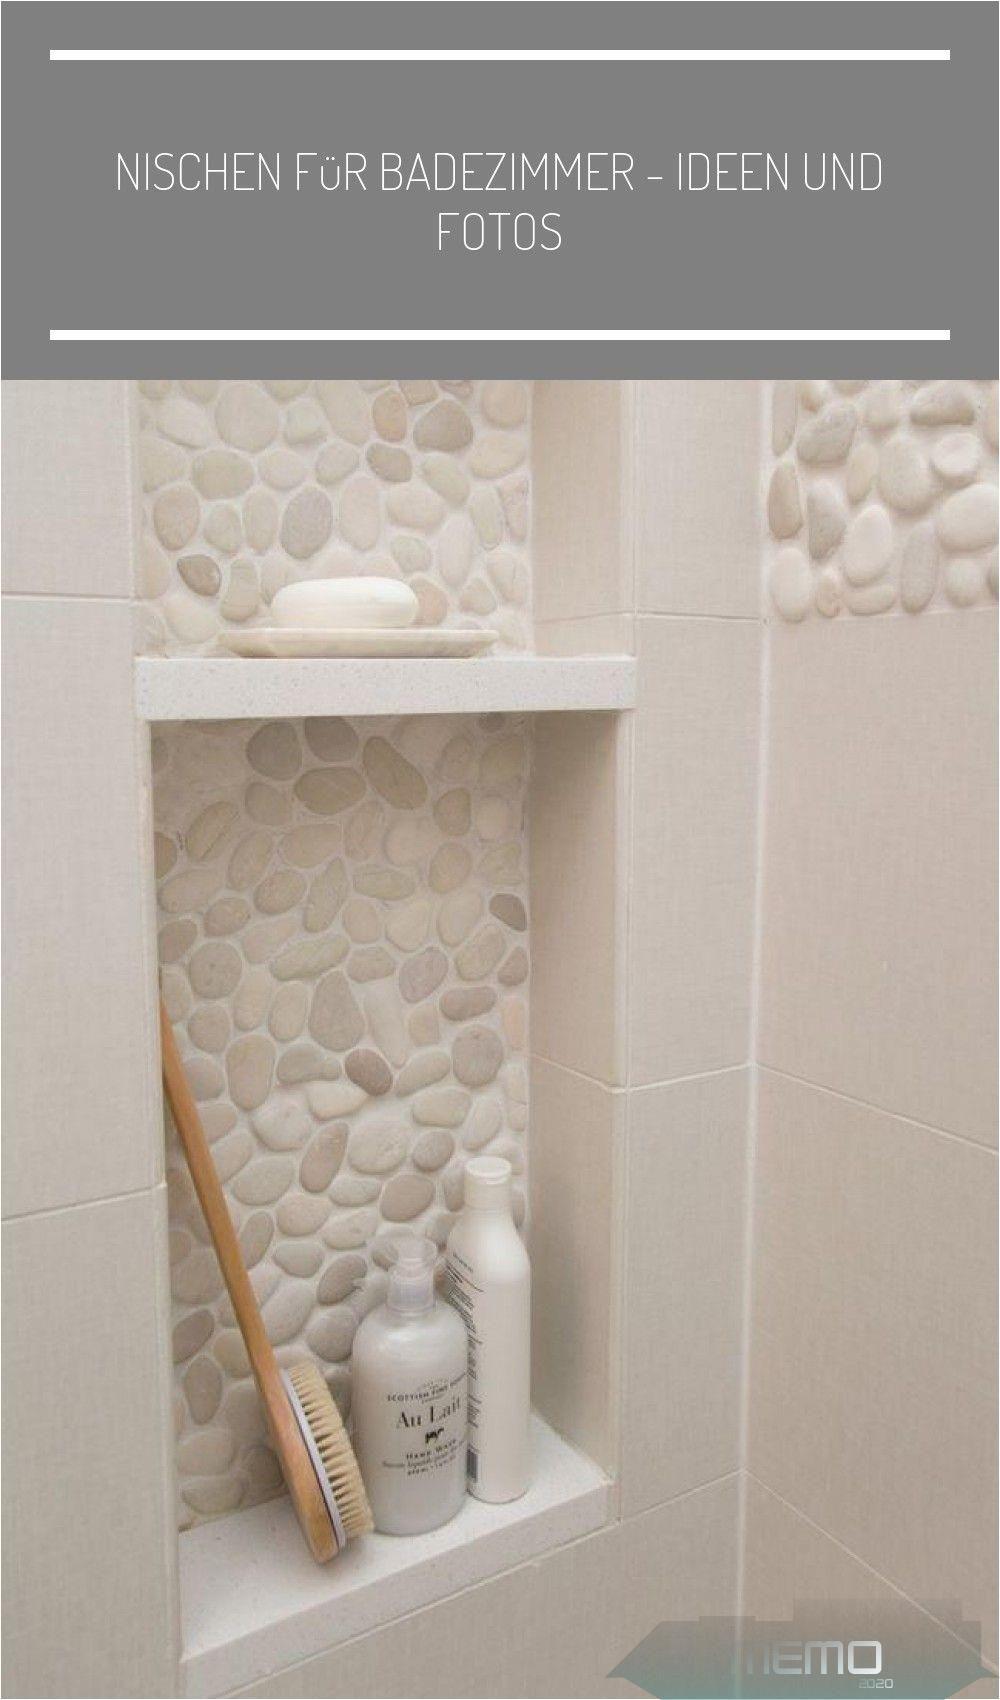 Feb 23 2020 Renovierung Haus Ideen Wohnzimmer Badezimmereinrichtung Badezimmerplanung Badezimmerideenflies In 2020 Cupboard Lights House Bathroom Bathroom Mirror